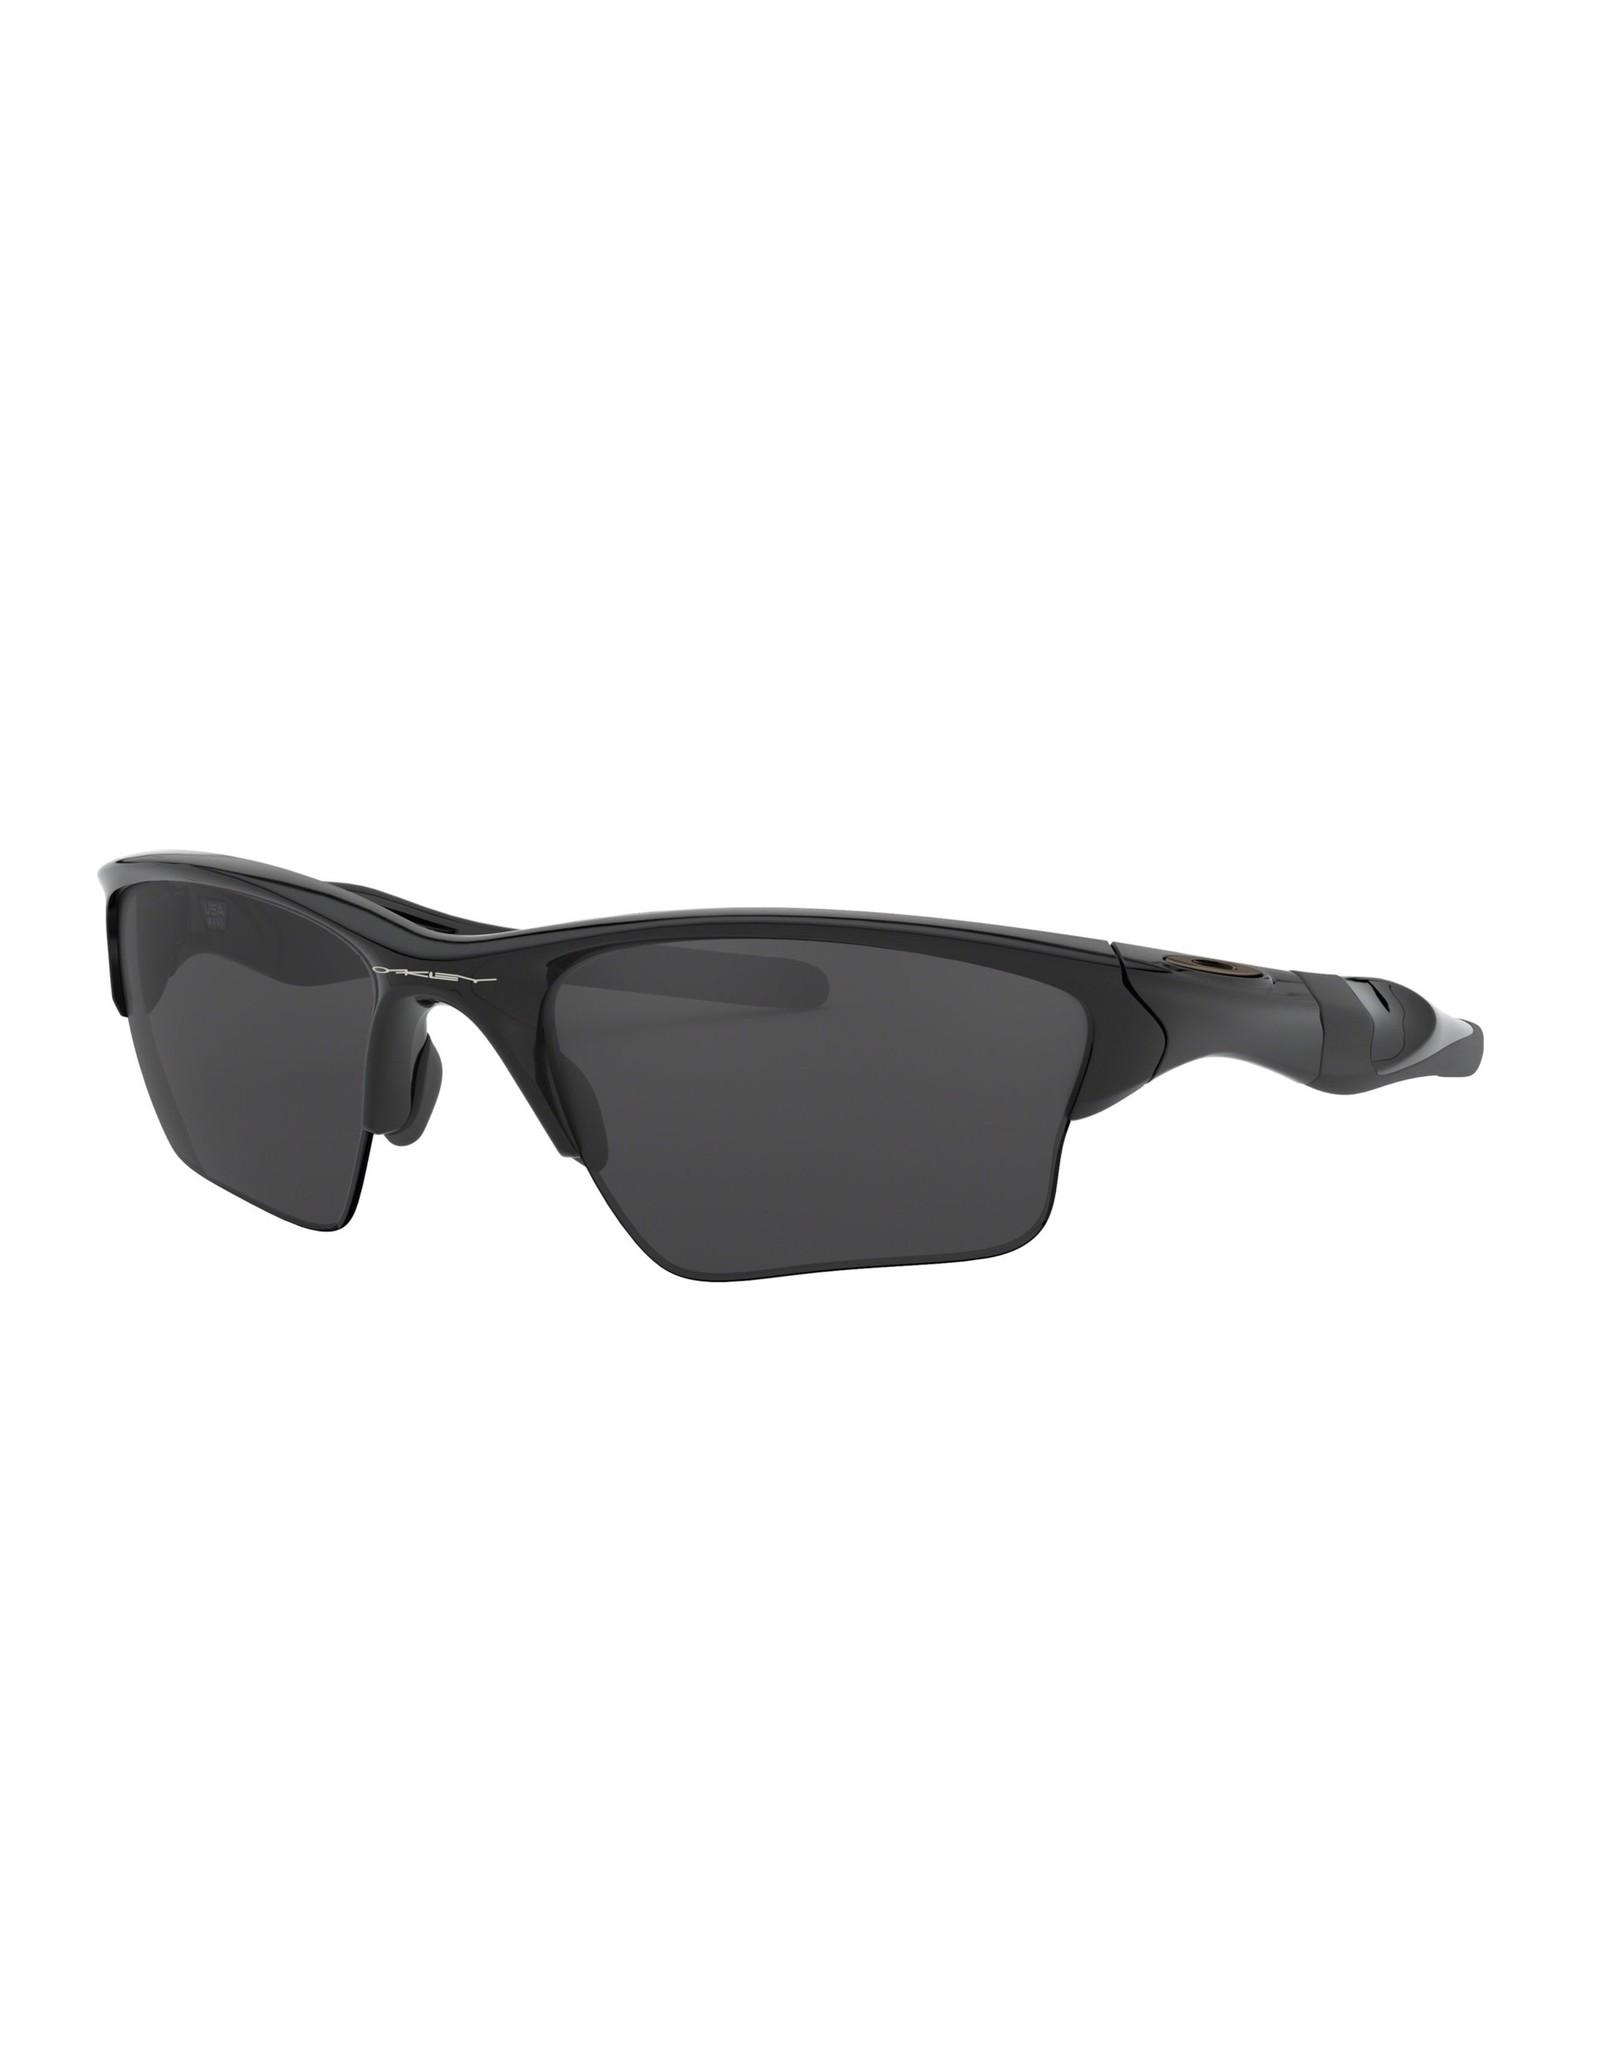 Oakley Oakley Men's Half Jacket 2.0 XL Sunglasses